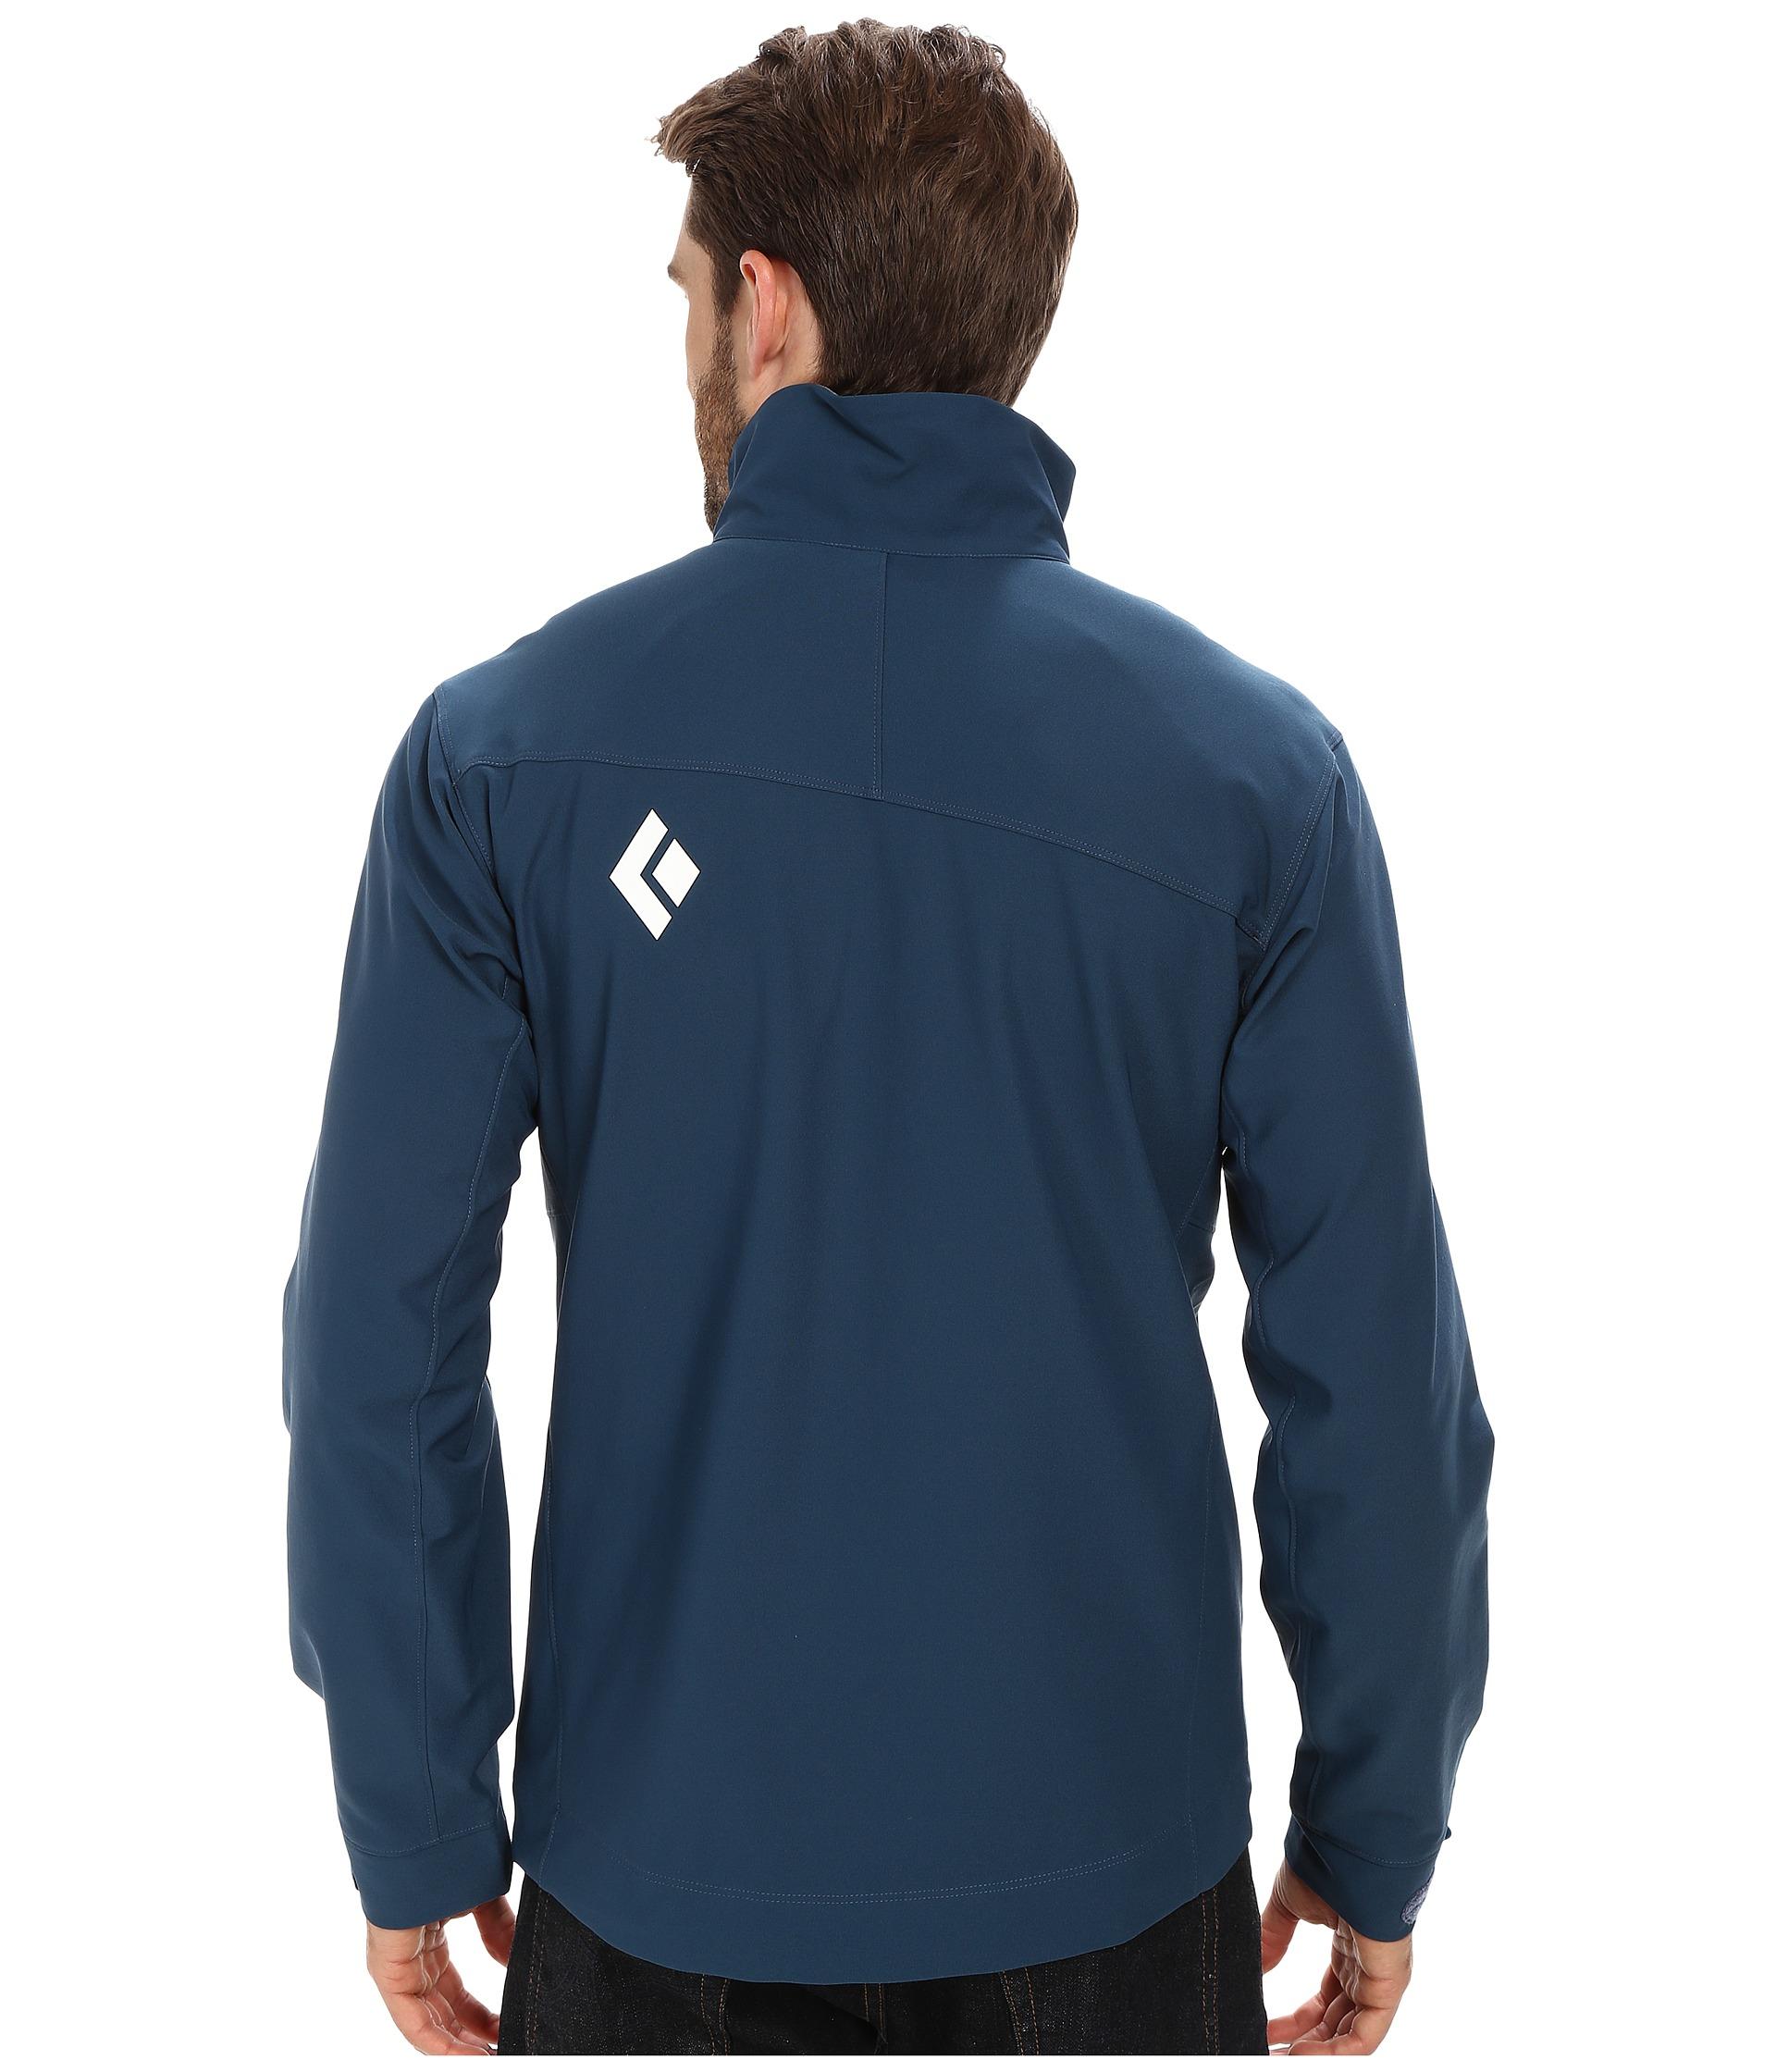 c1aafbbbcc57e Black Diamond B.D.V. Jacket in Blue for Men - Lyst